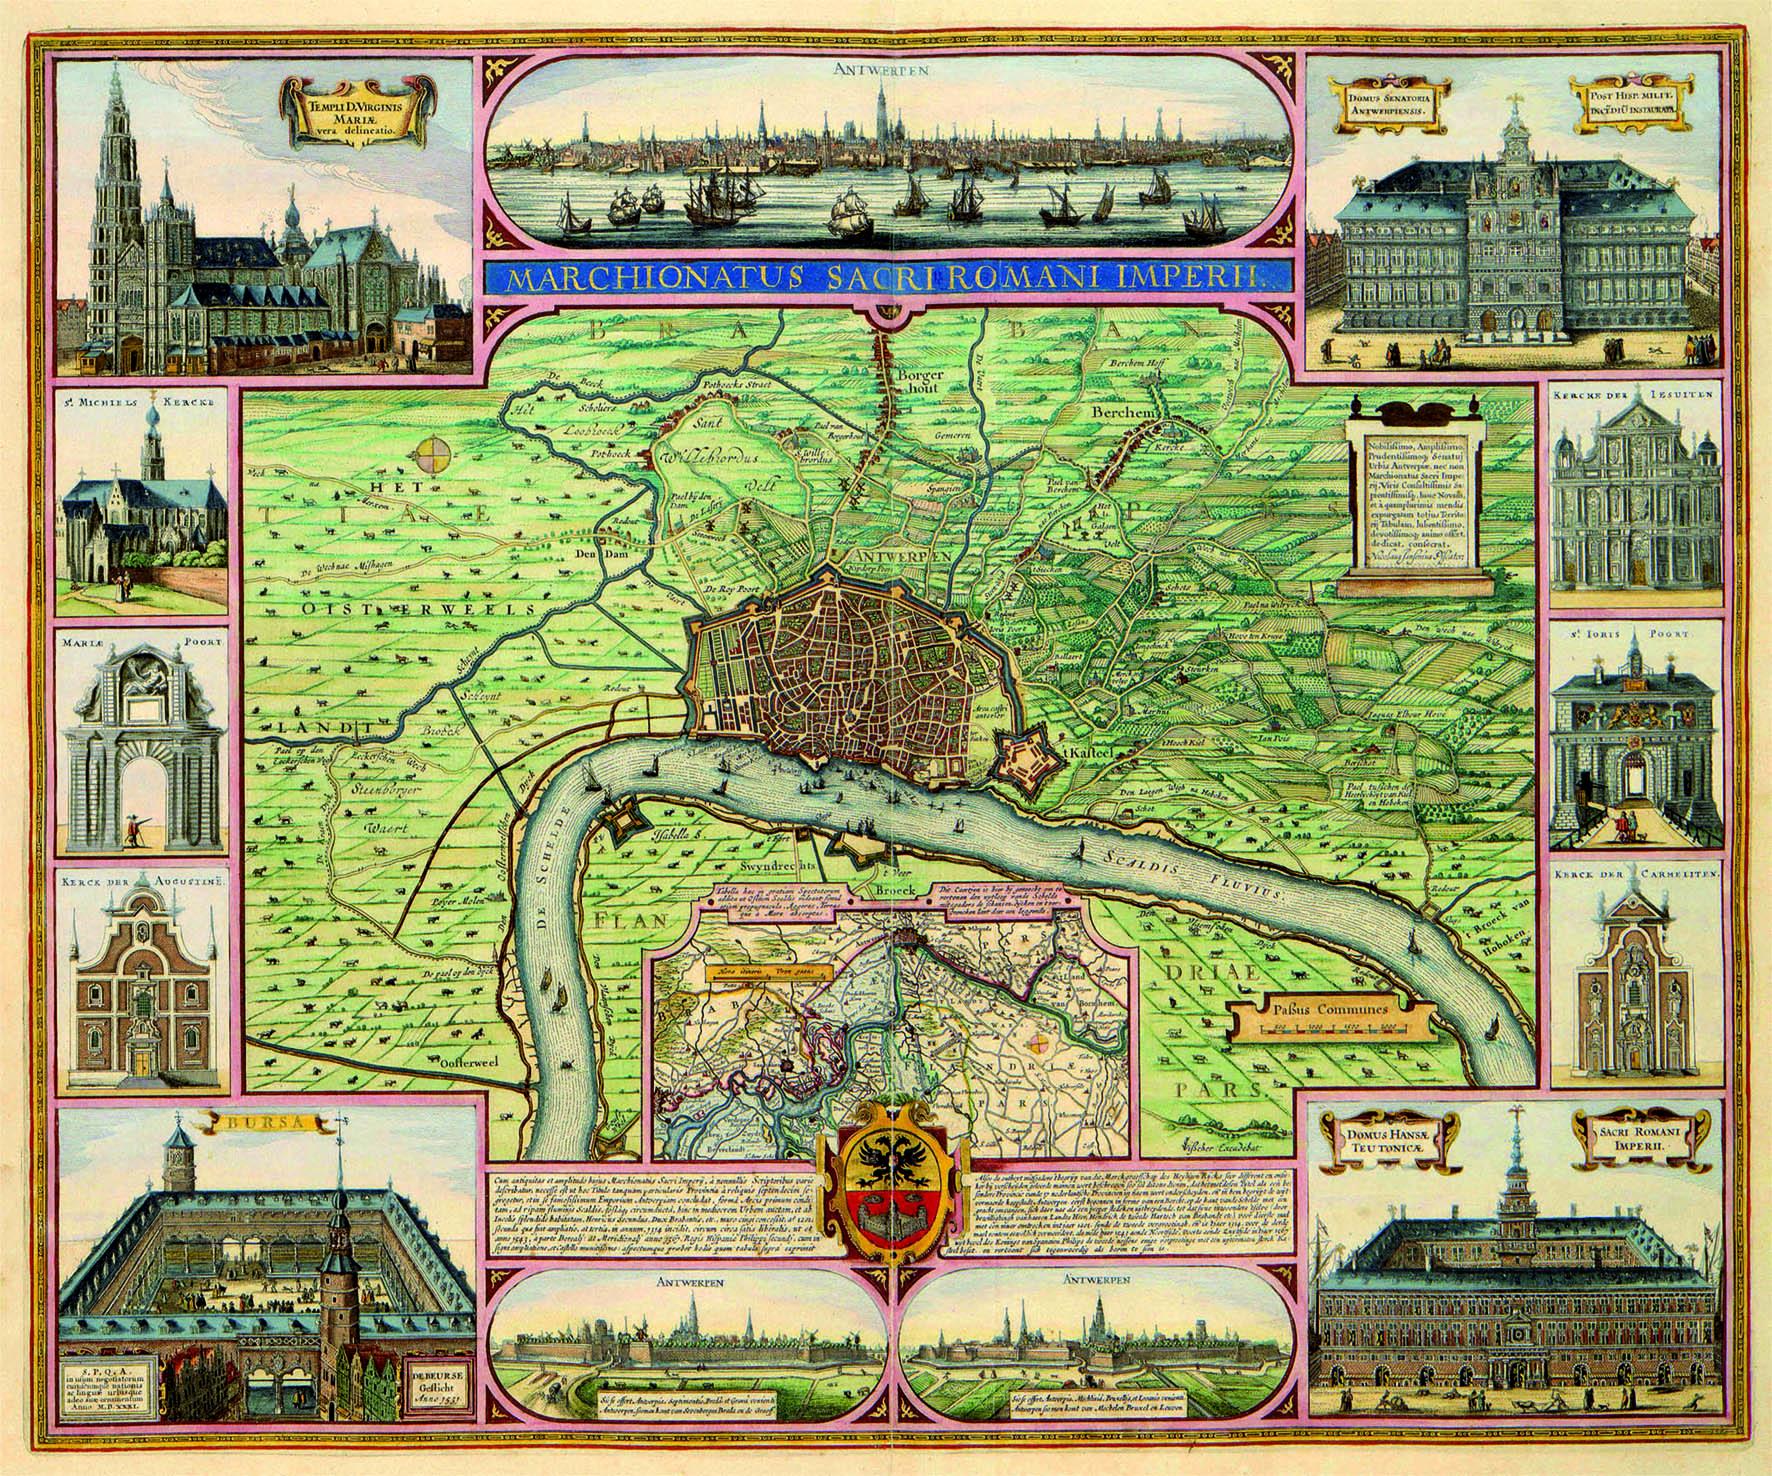 Door Claes Jansz. Visscher in 1634 uitgegeven kaart van het Markgraafschap van het Heilige Roomse Rijk met centraal plattegrond van Antwerpen